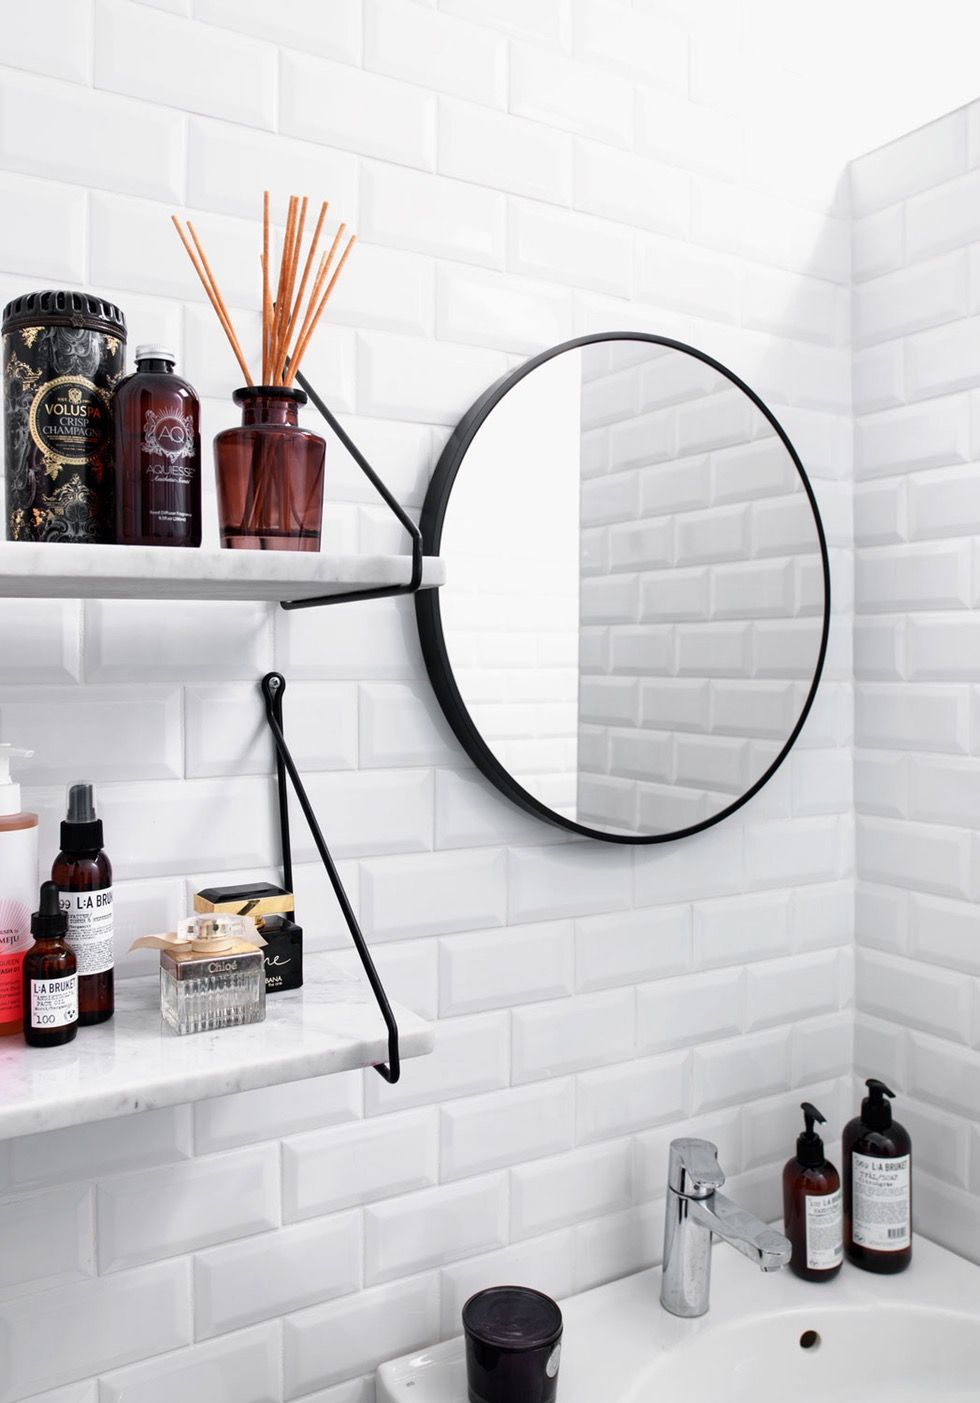 Piastrelle bianche diamantate per un bagno super luminoso idee per la casa pinterest - Piastrelle bianche bagno ...